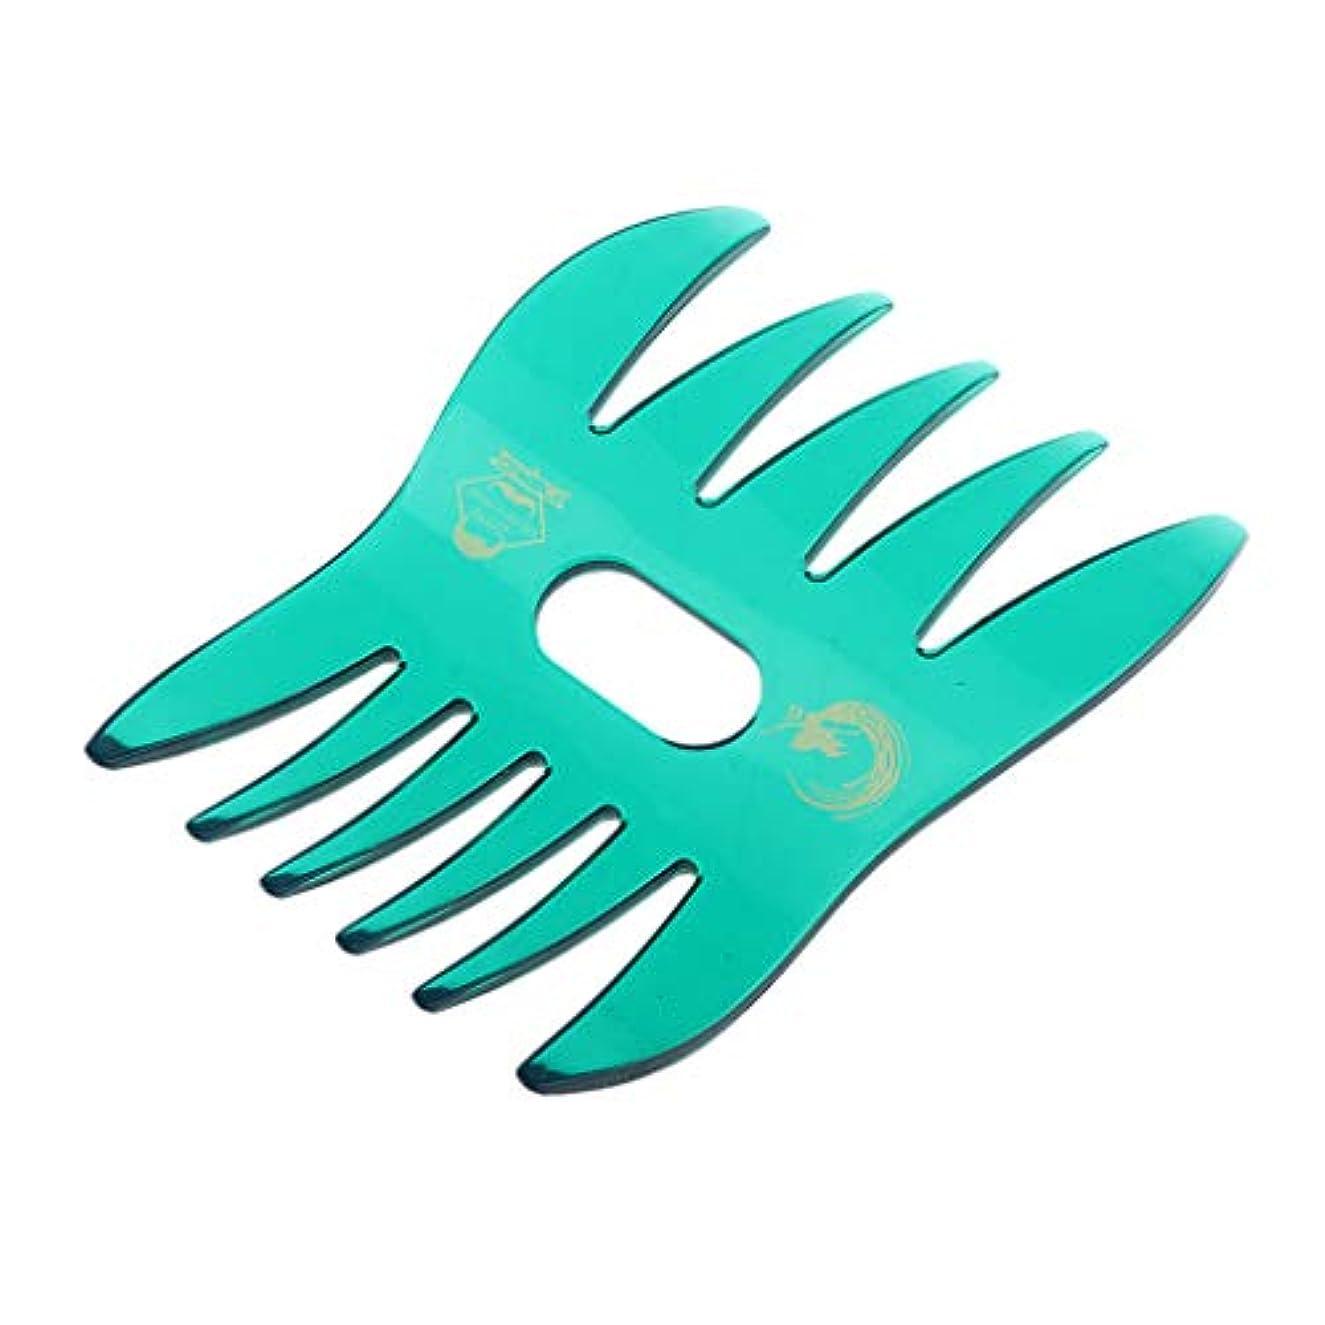 関係毎週泥Sharplace ヘアコーム デュアルサイド 櫛 くし サロン ヘアスタイル 4色選べ - 緑